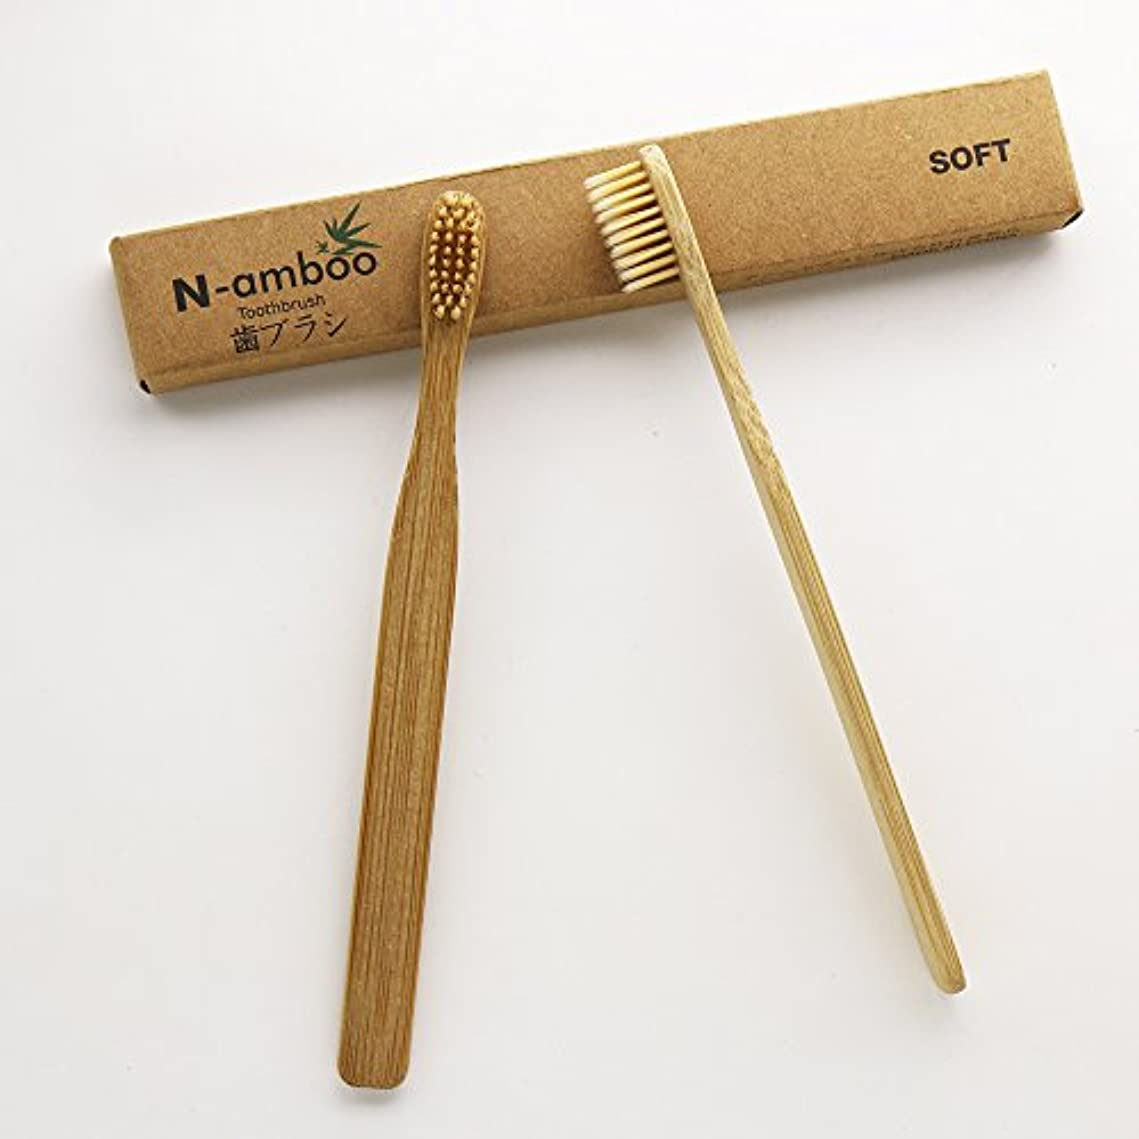 保護バラ色鉄道N-amboo 竹製 歯ブラシ 高耐久性 セット エコ ハンドル大きめ ベージュ (2本)